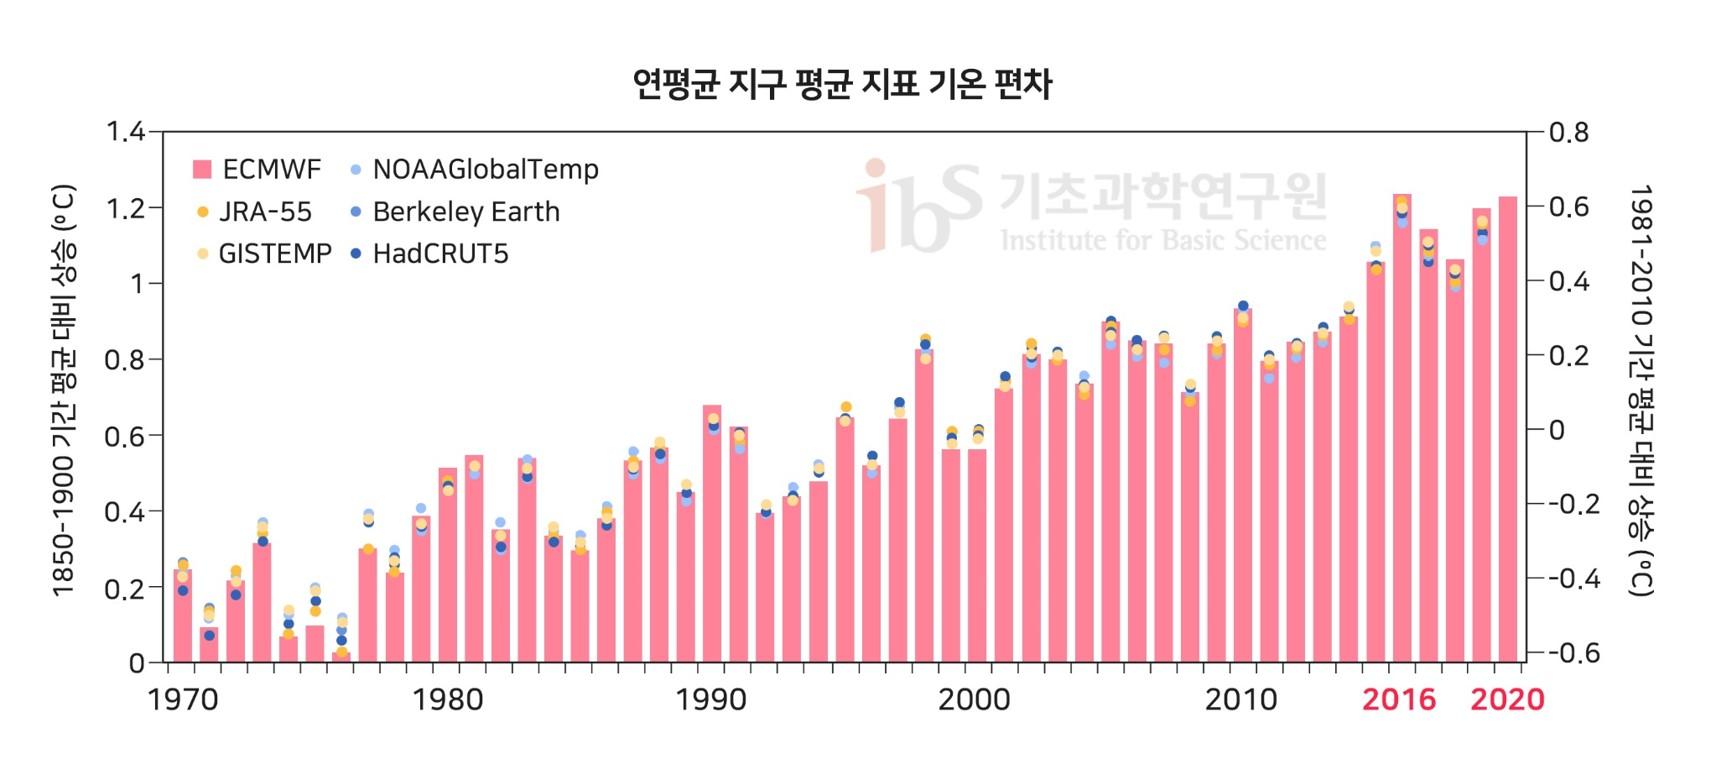 그림2. 1970년부터 2020년까지 연평균 지구 지표 기온 상승값을 나타낸 그래프